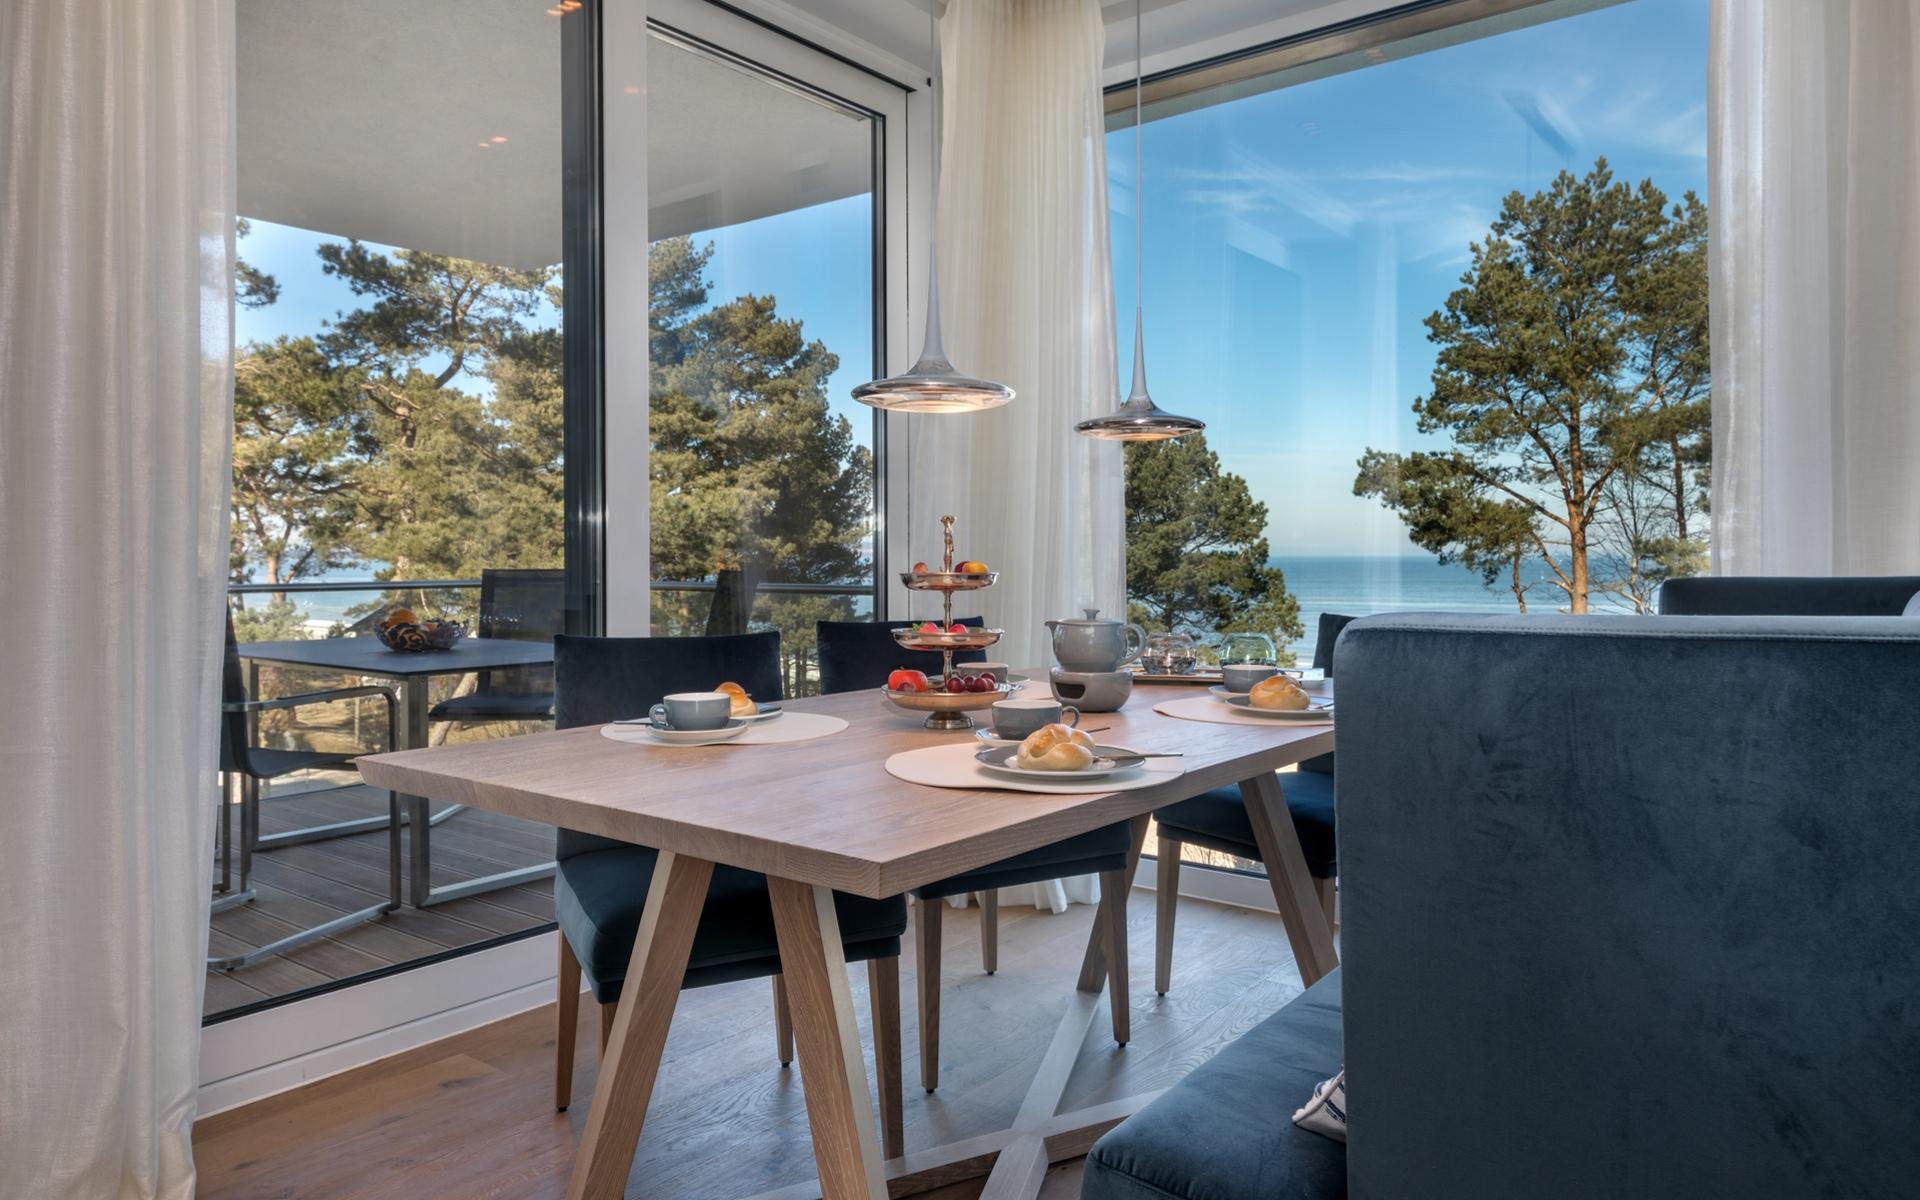 Hans G. Bock richtet auch Ferienhäuser ein: Esszimmer mit phantastischer Aussicht.